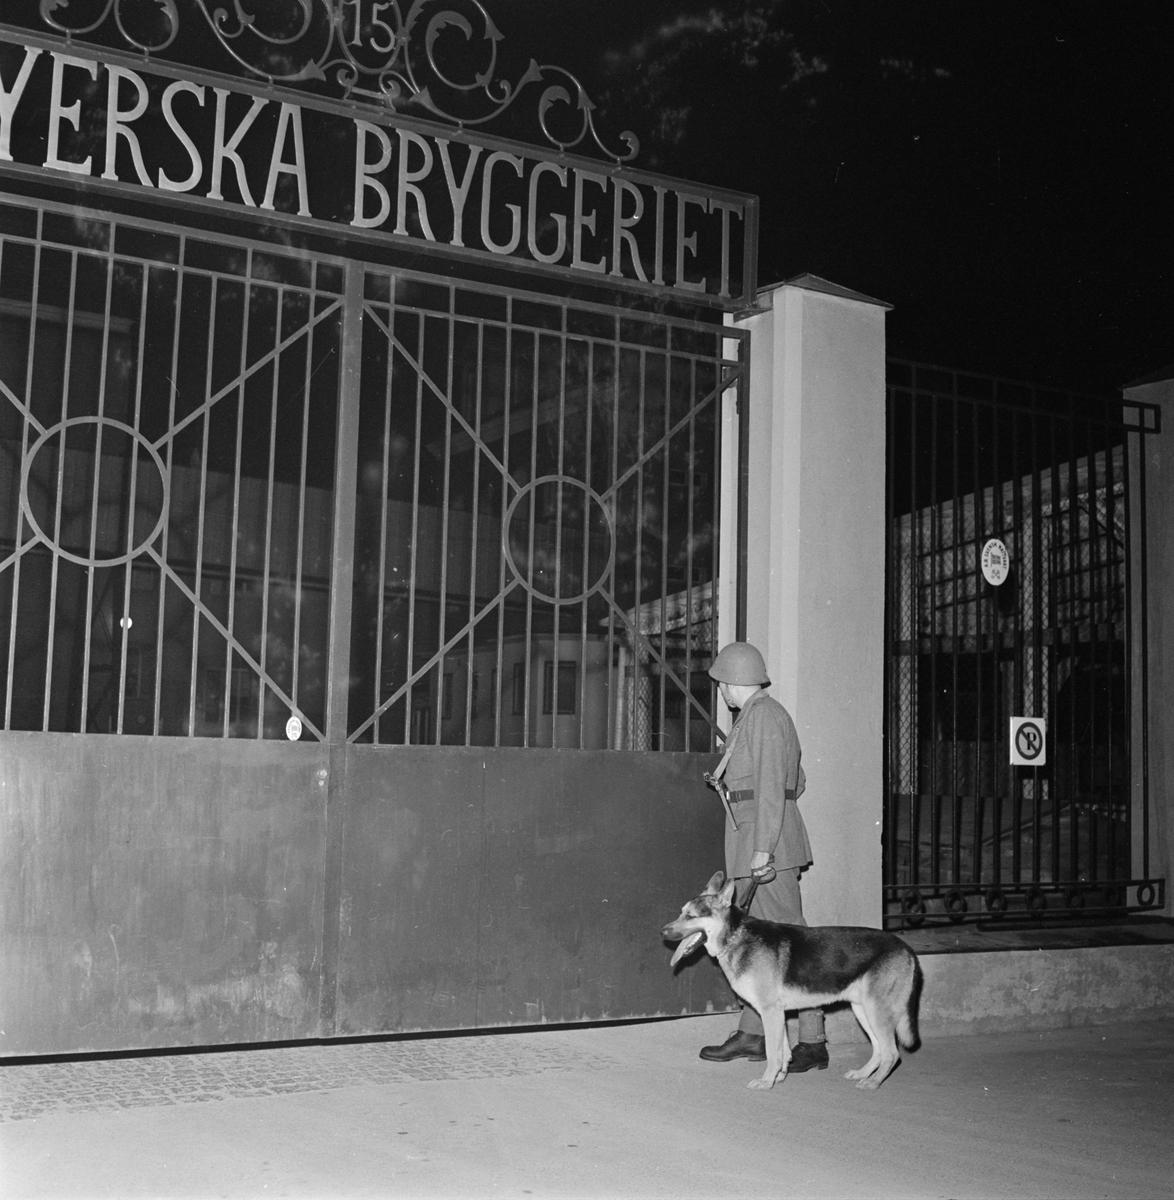 Nattvakt med hund vid Upsala Bayerska Bryggeri i kvarteret Sandbacken, Dragarbrunn, Uppsala